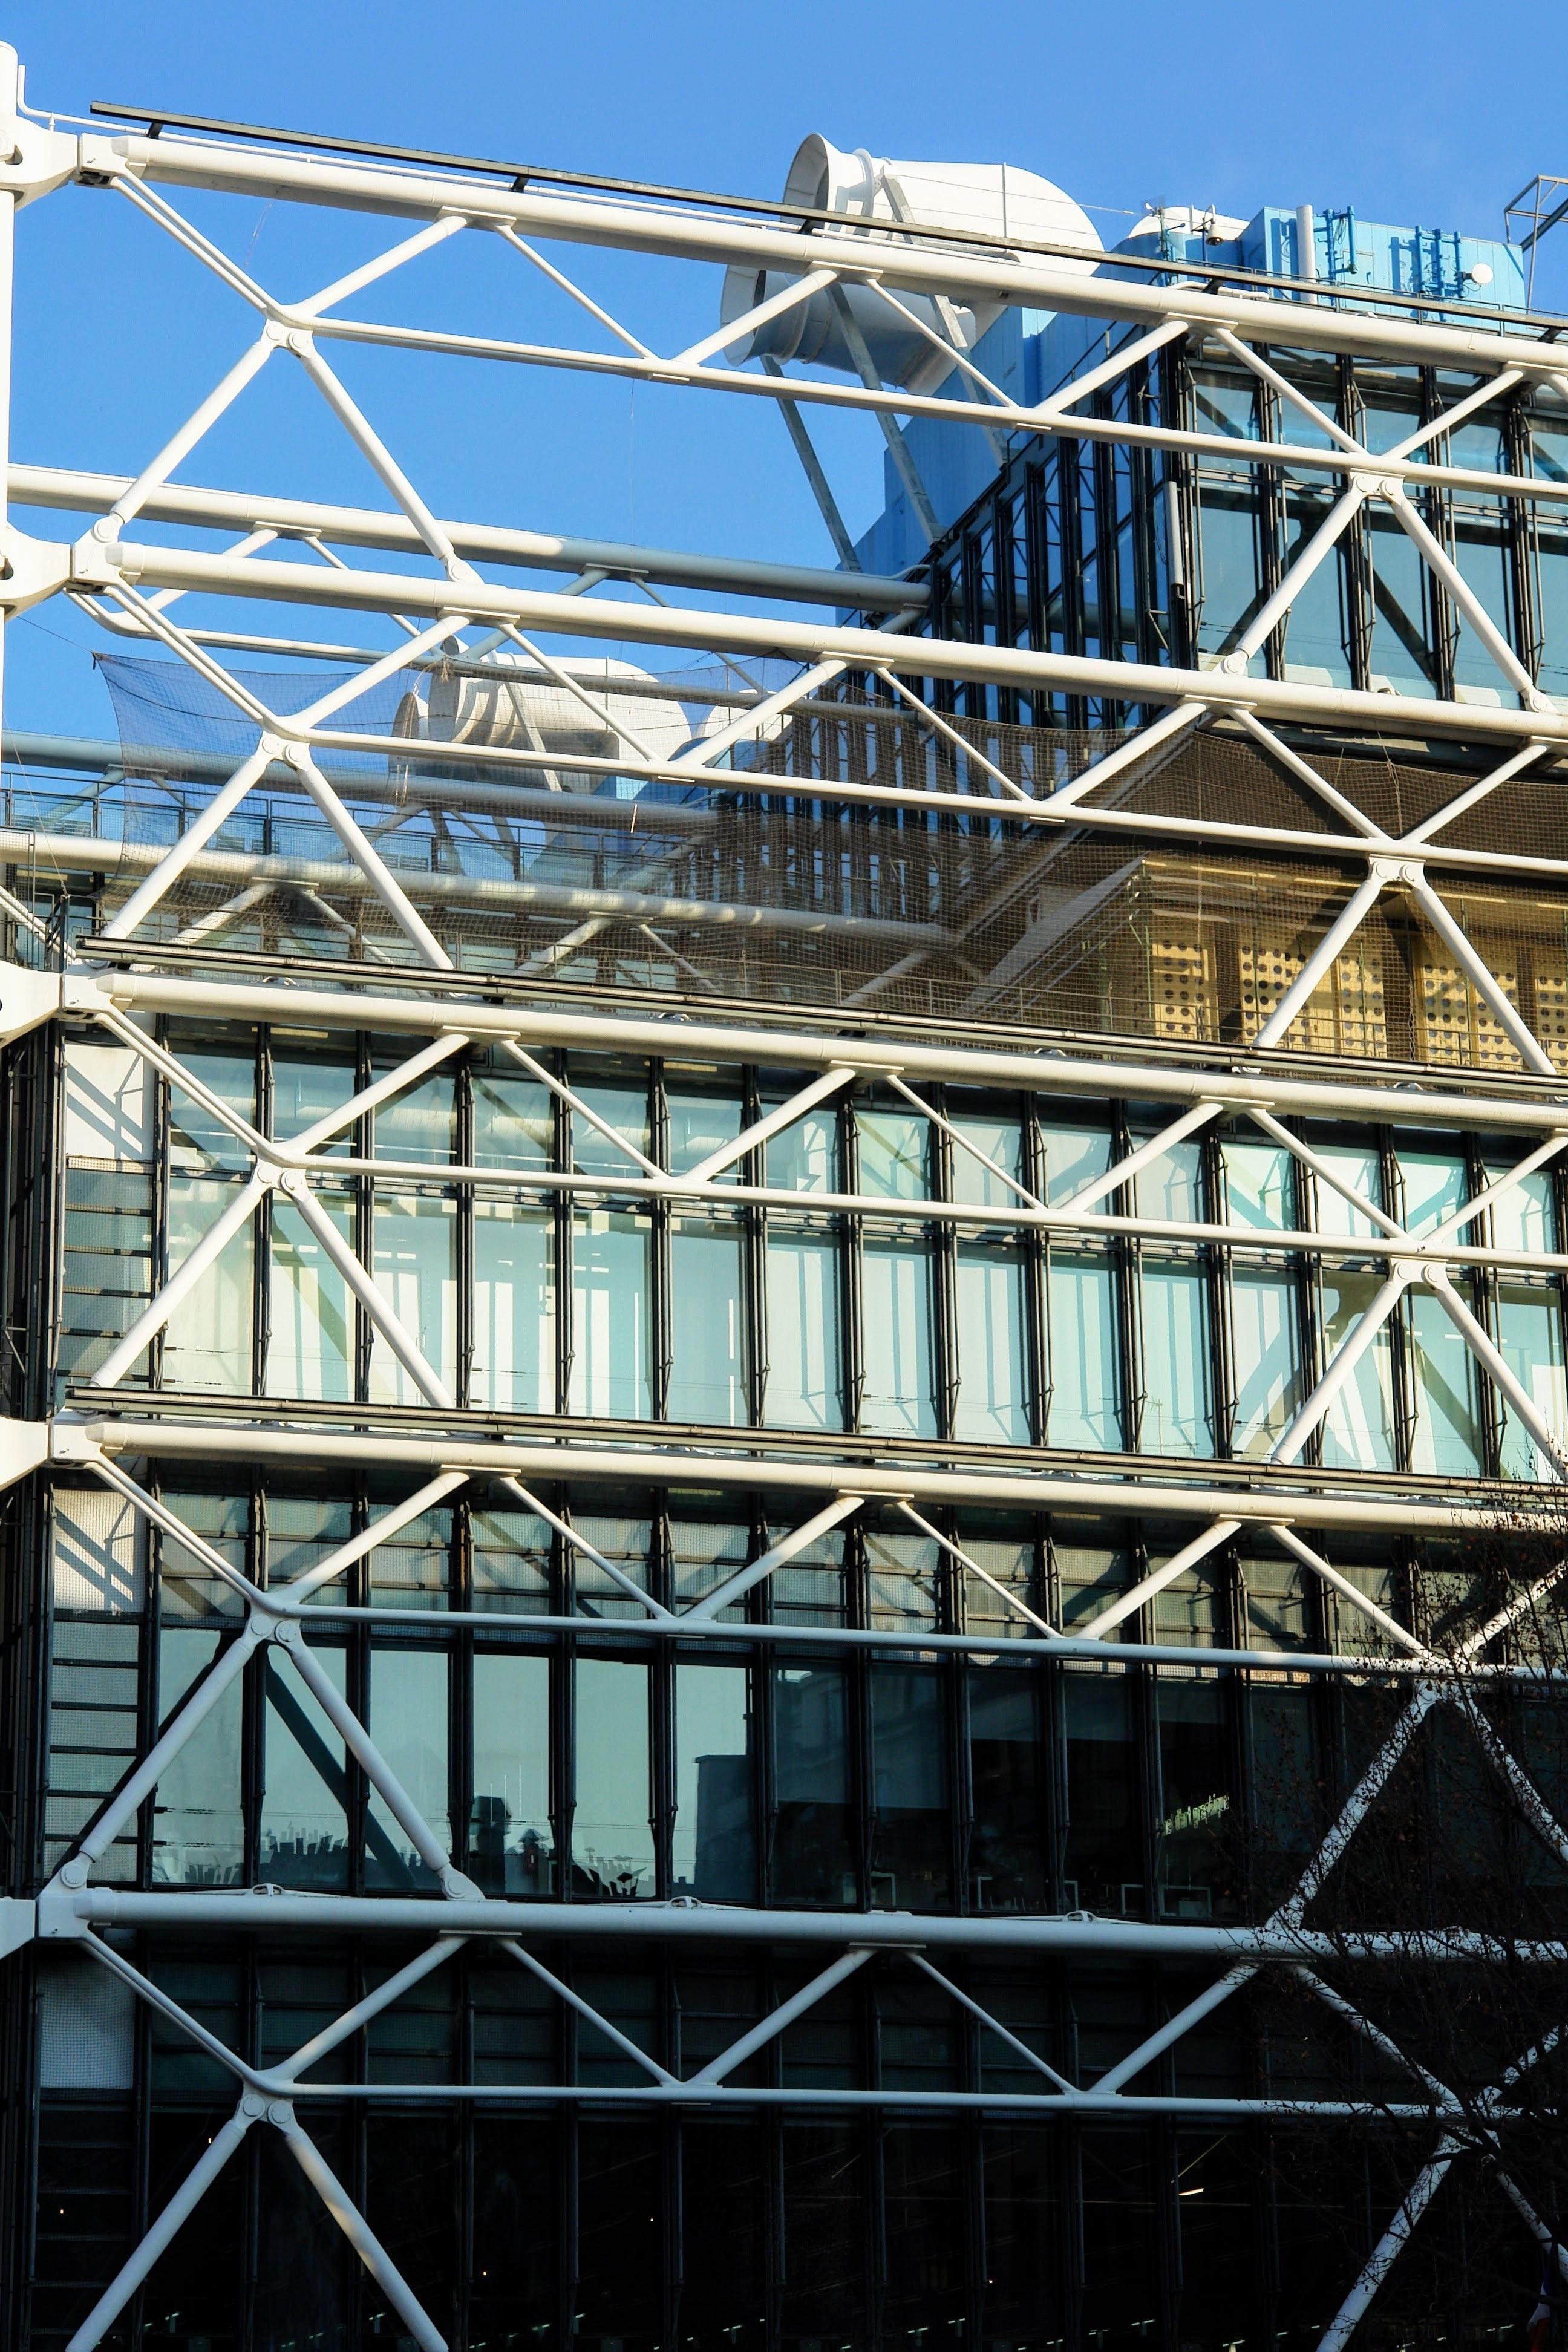 Fotos gratis : arquitectura, estructura, cielo, techo, edificio ...